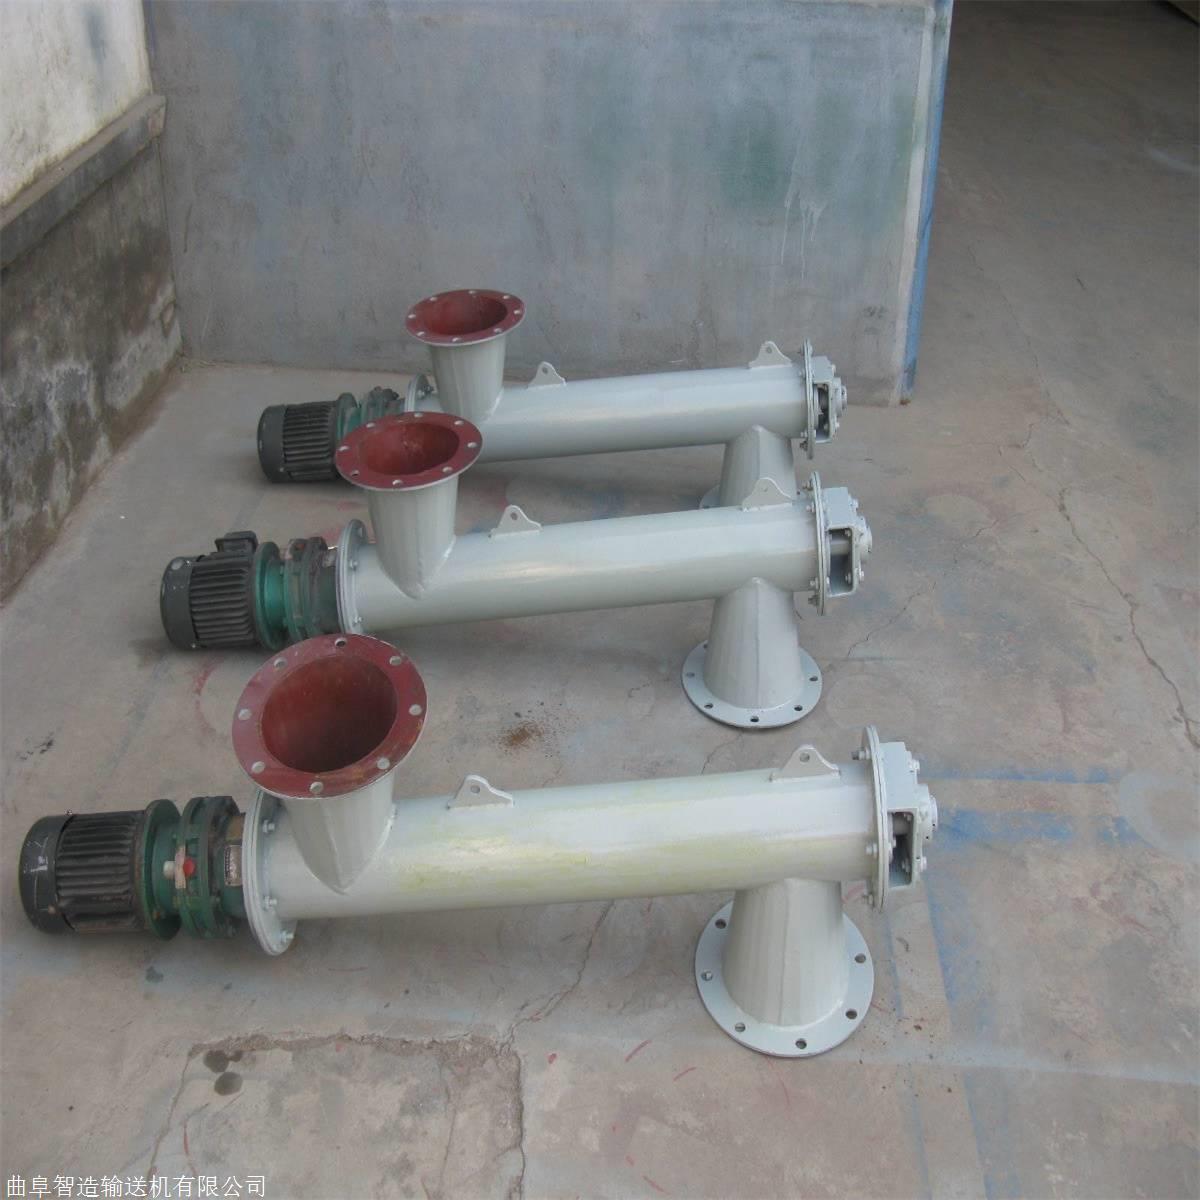 大型螺旋输送机 污泥螺旋输送机 GX/LS/U/TL型螺旋输送机